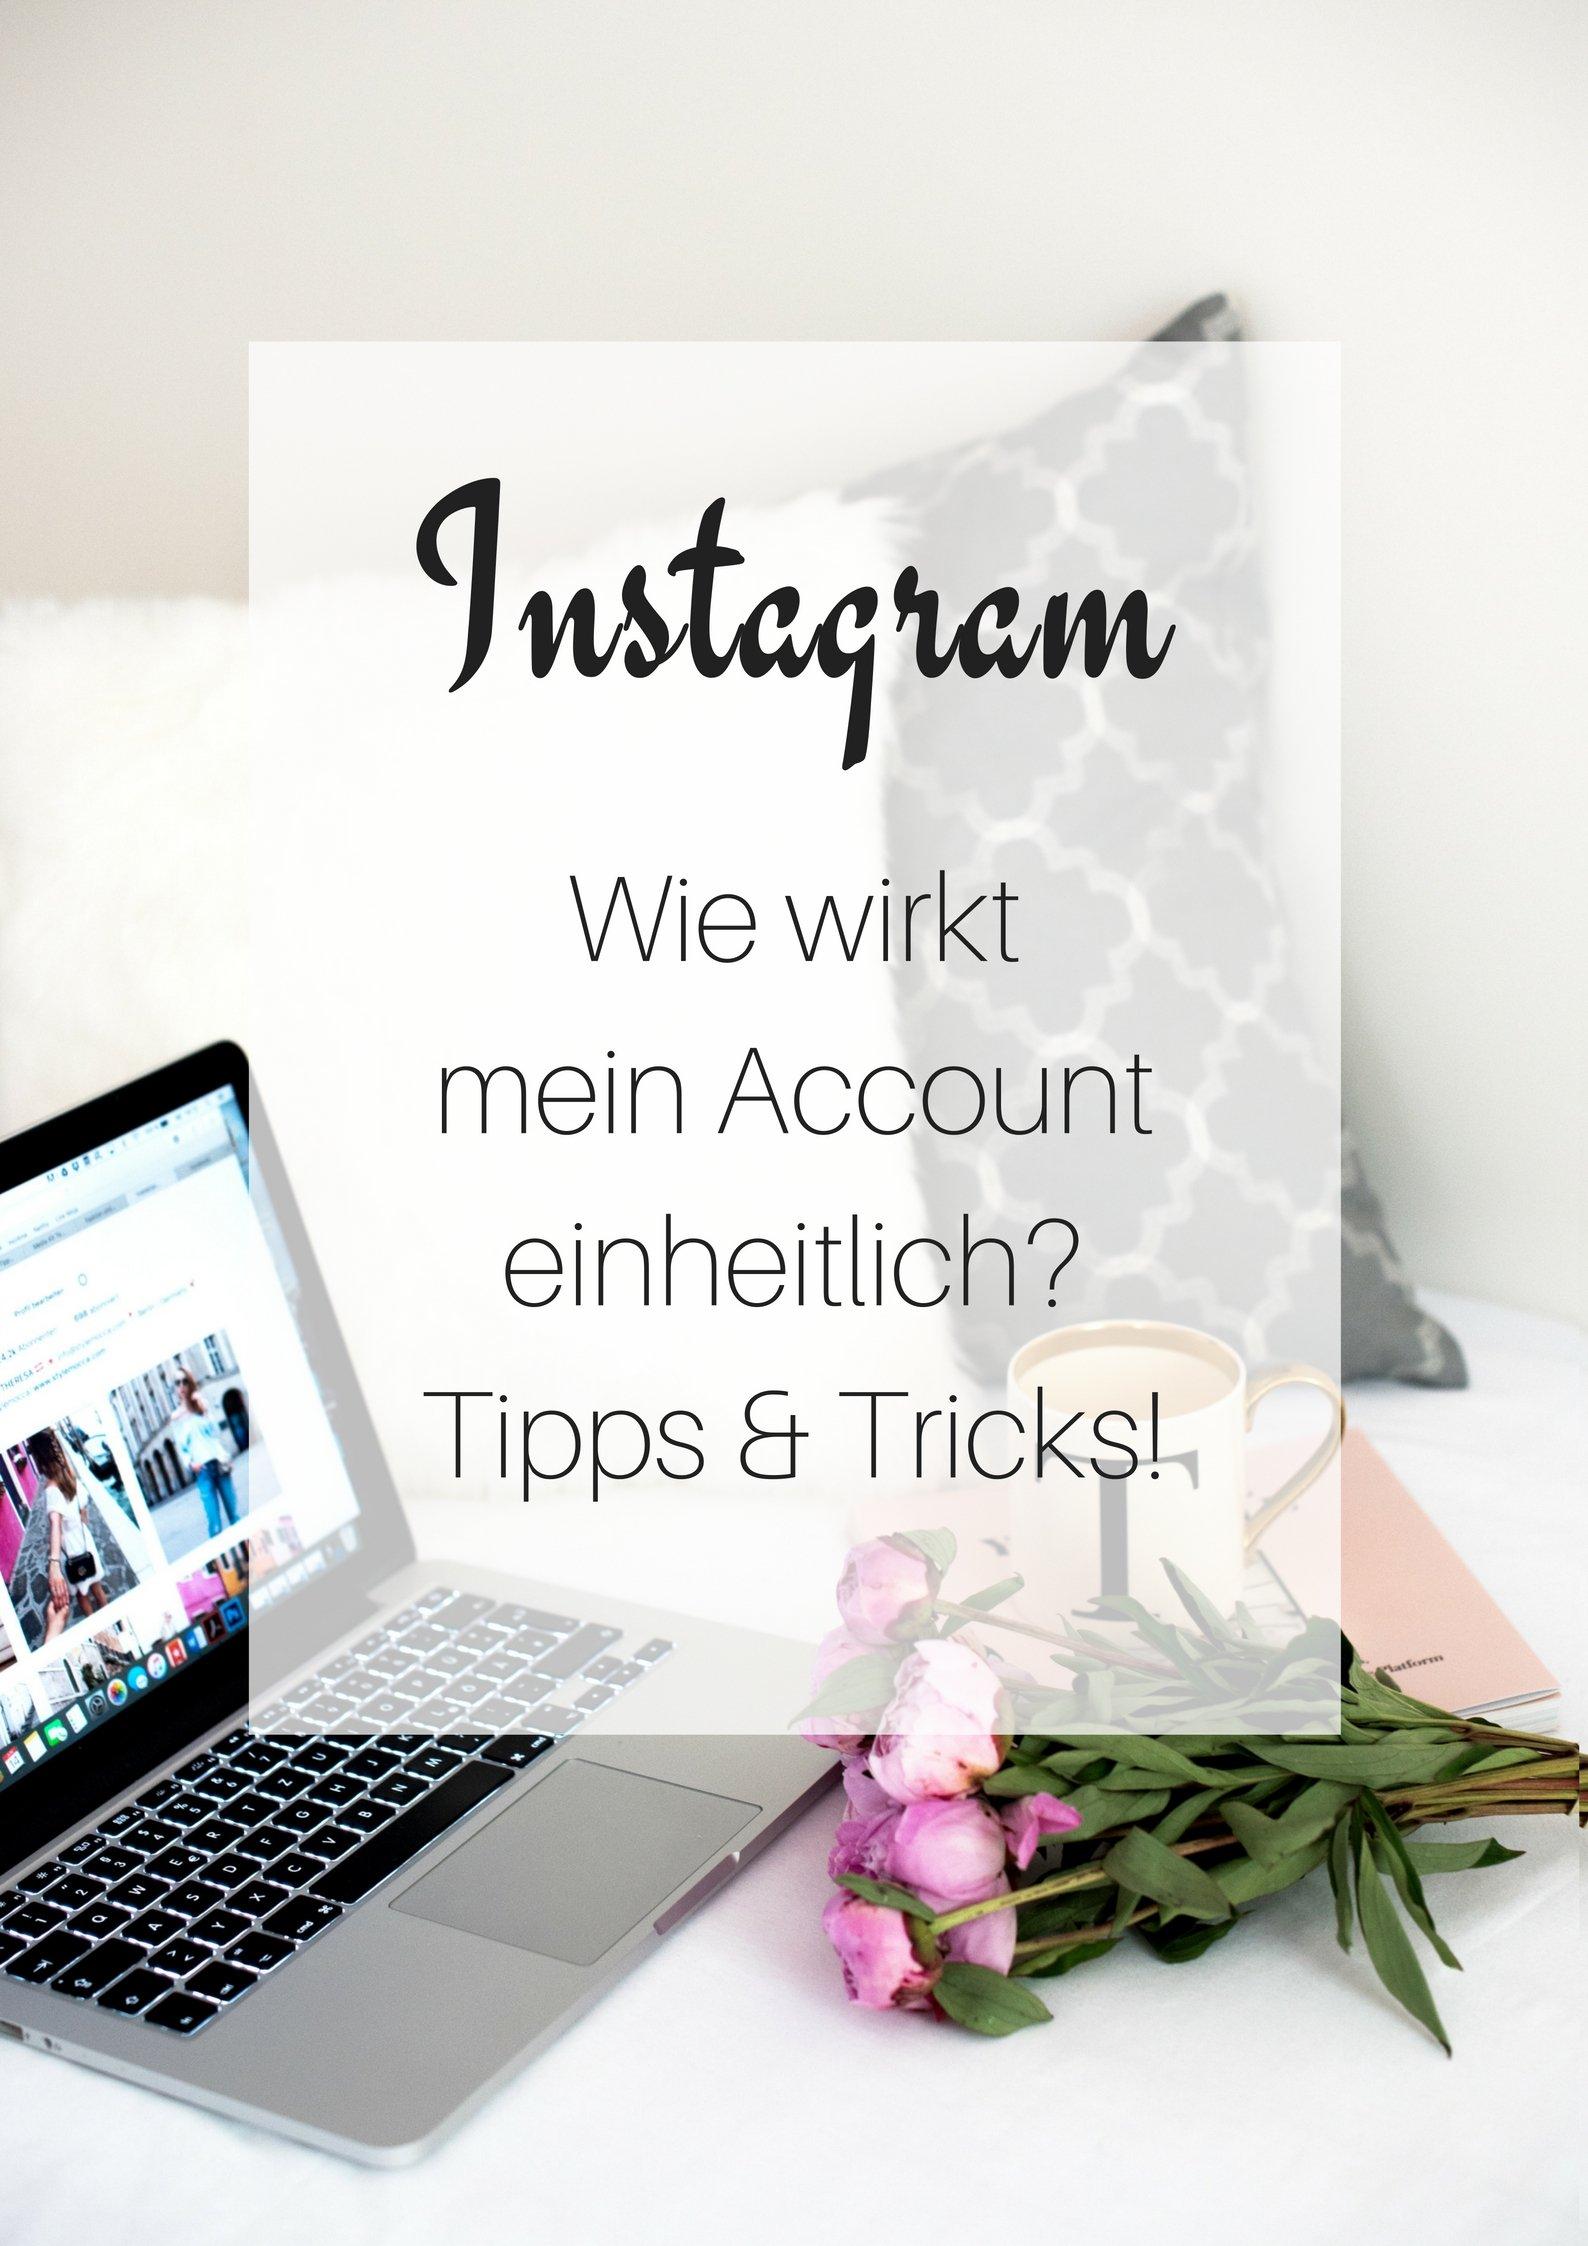 Instagram: Wie wirkt mein Account einheitlich? Tipps & Tricks